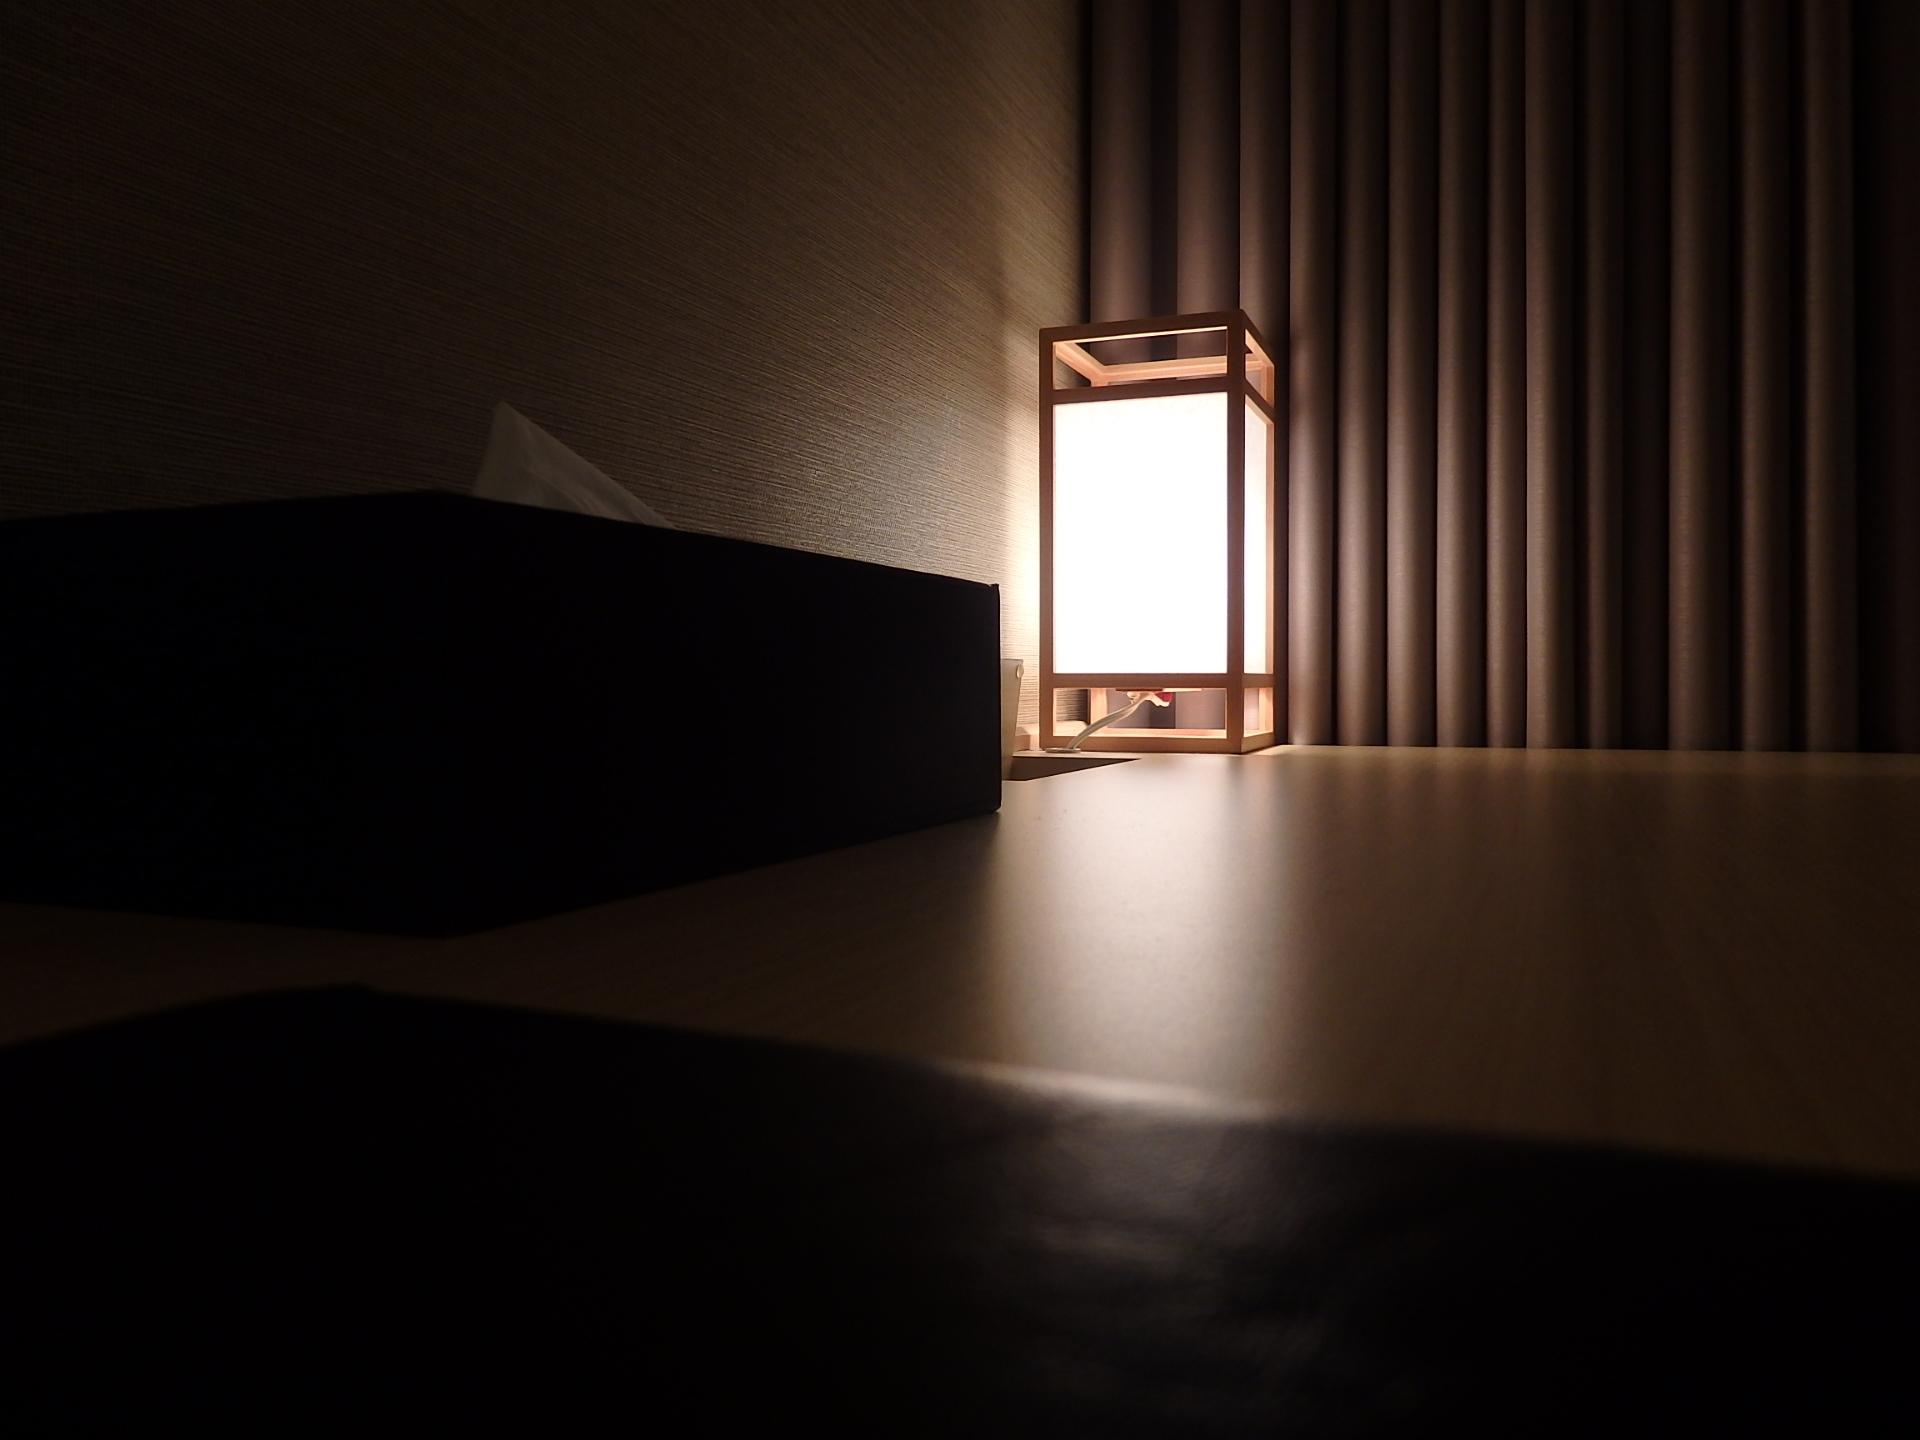 睡眠時無呼吸症候群におけるマウスピースを使用した治療法とは